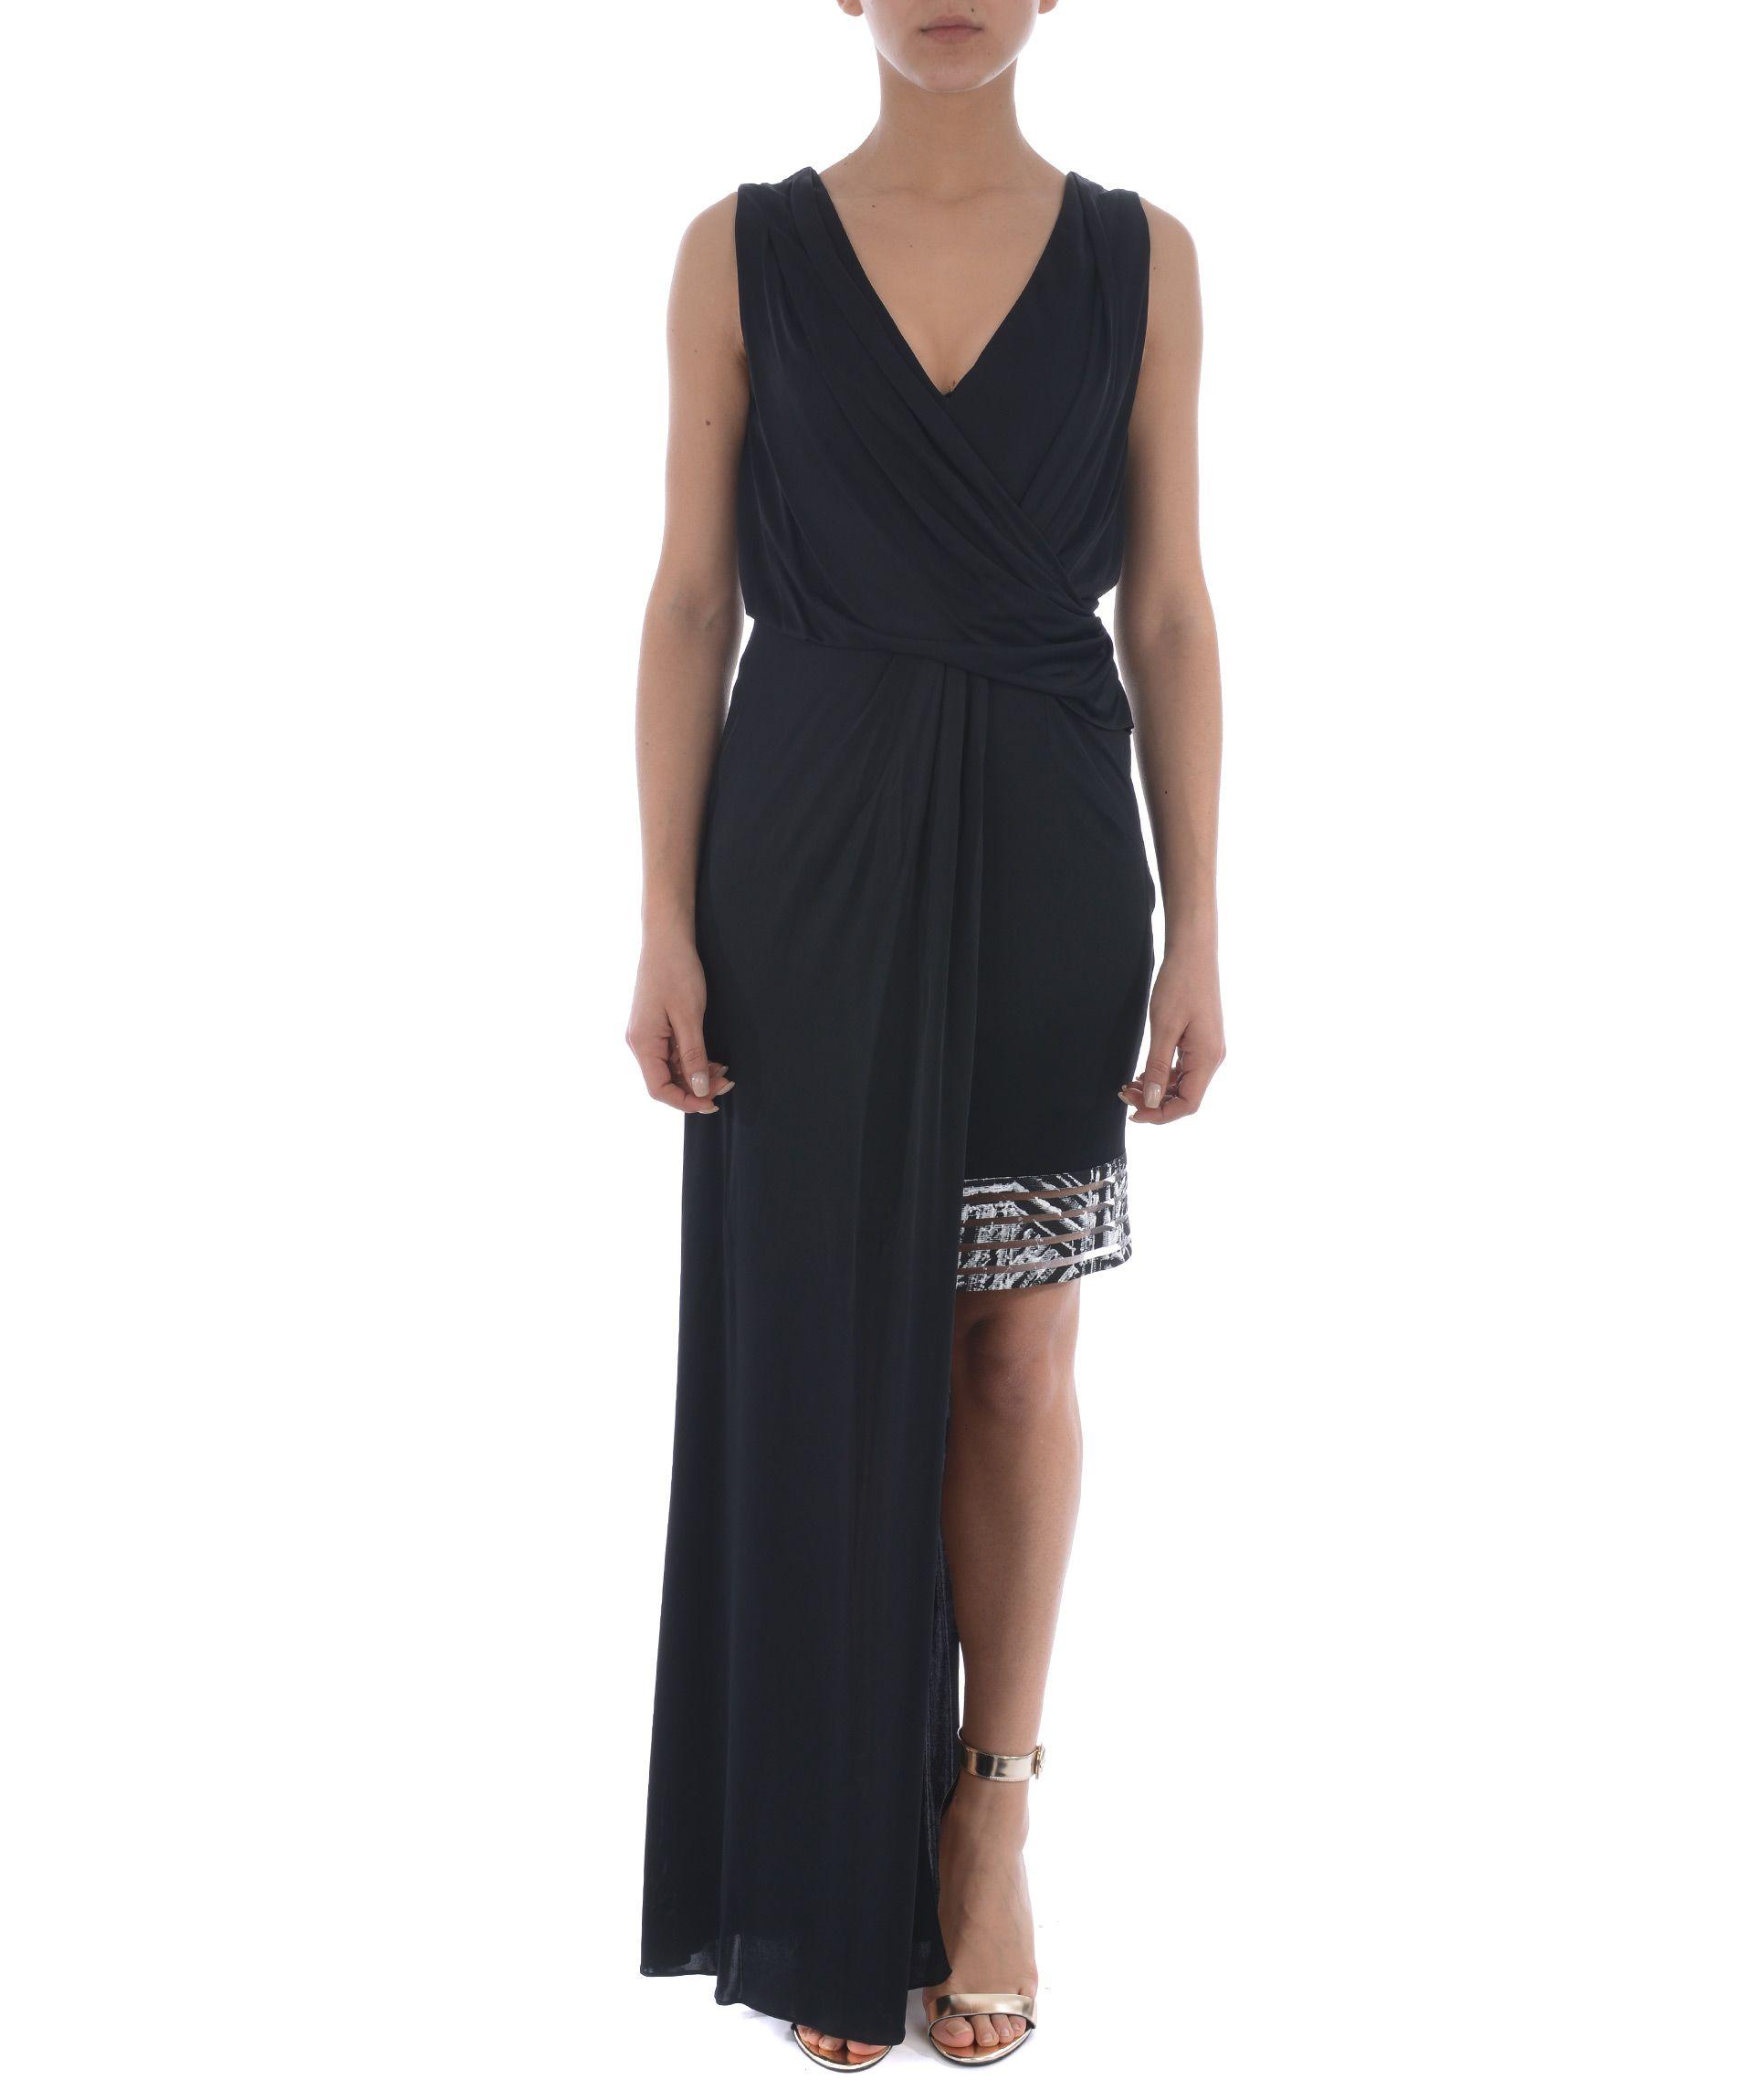 Versace Asymmetrical Dress